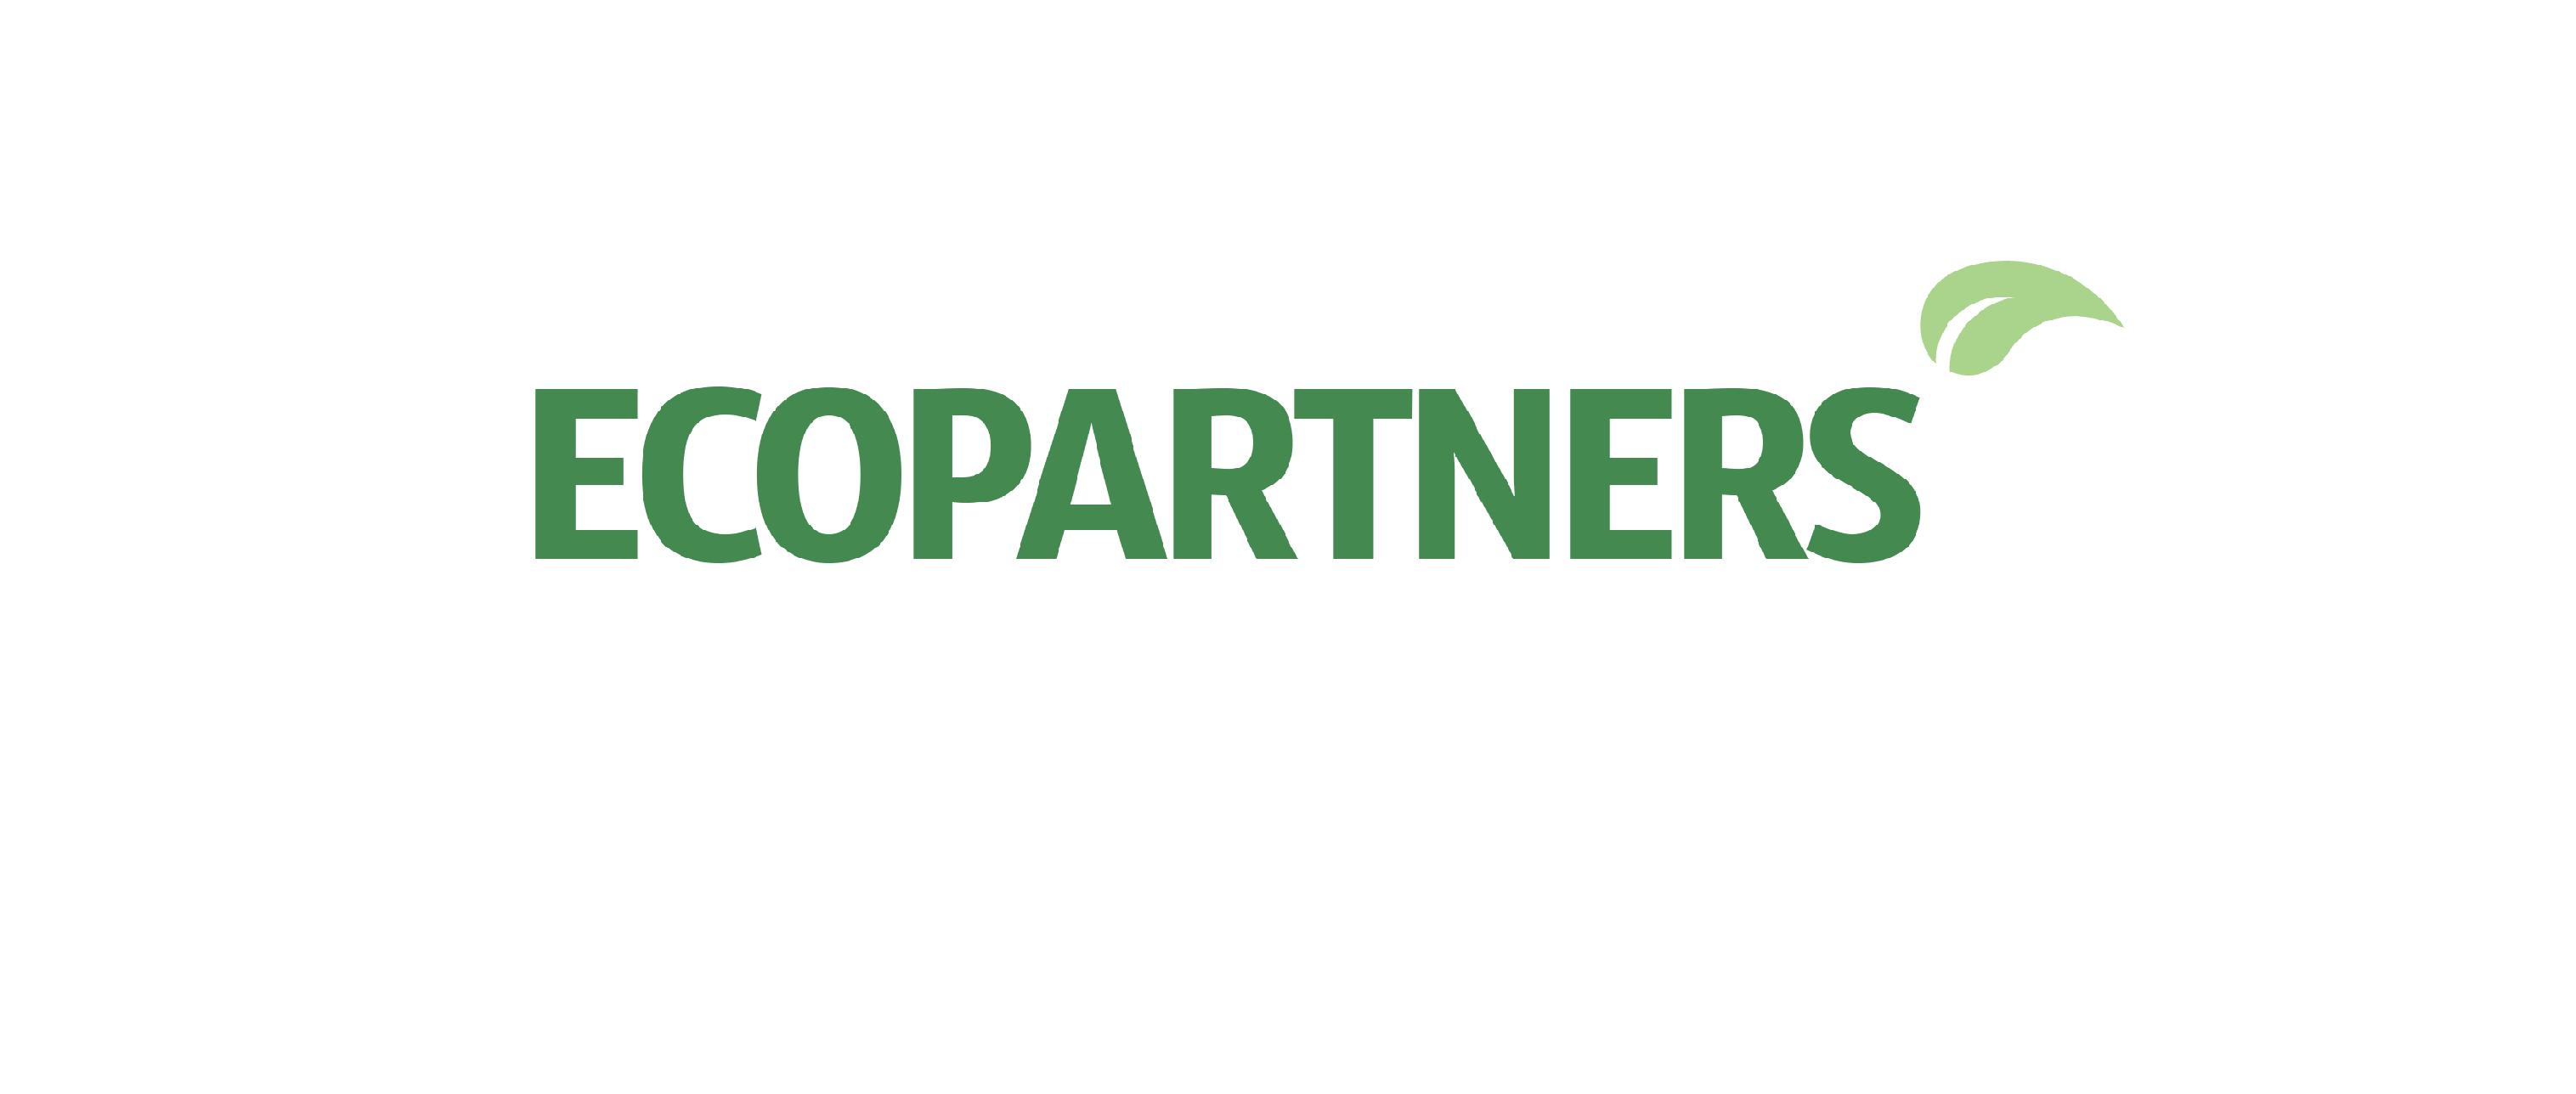 Организационный комитет Конкурса «Регионы — устойчивое развитие» и Группа компаний «EcoPartners» начинают сотрудничество